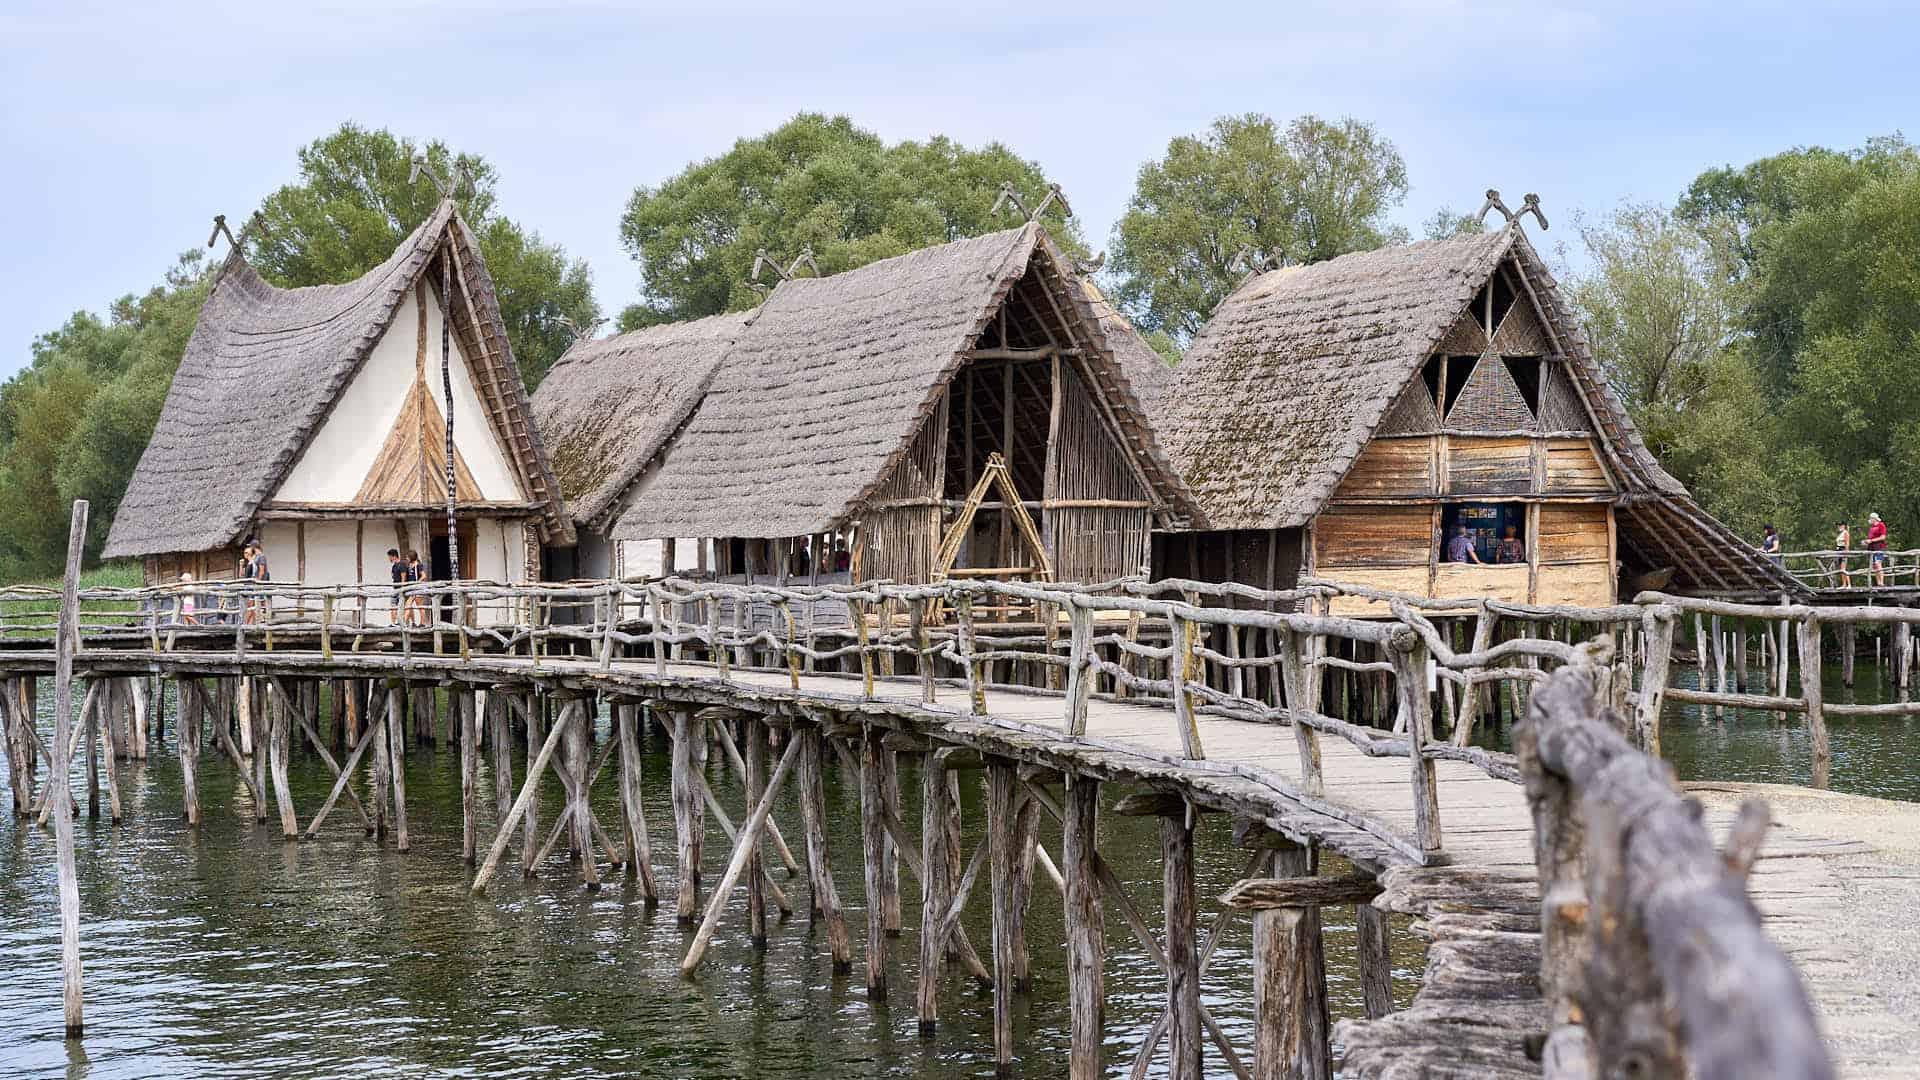 Stilt houses at Lake Constance